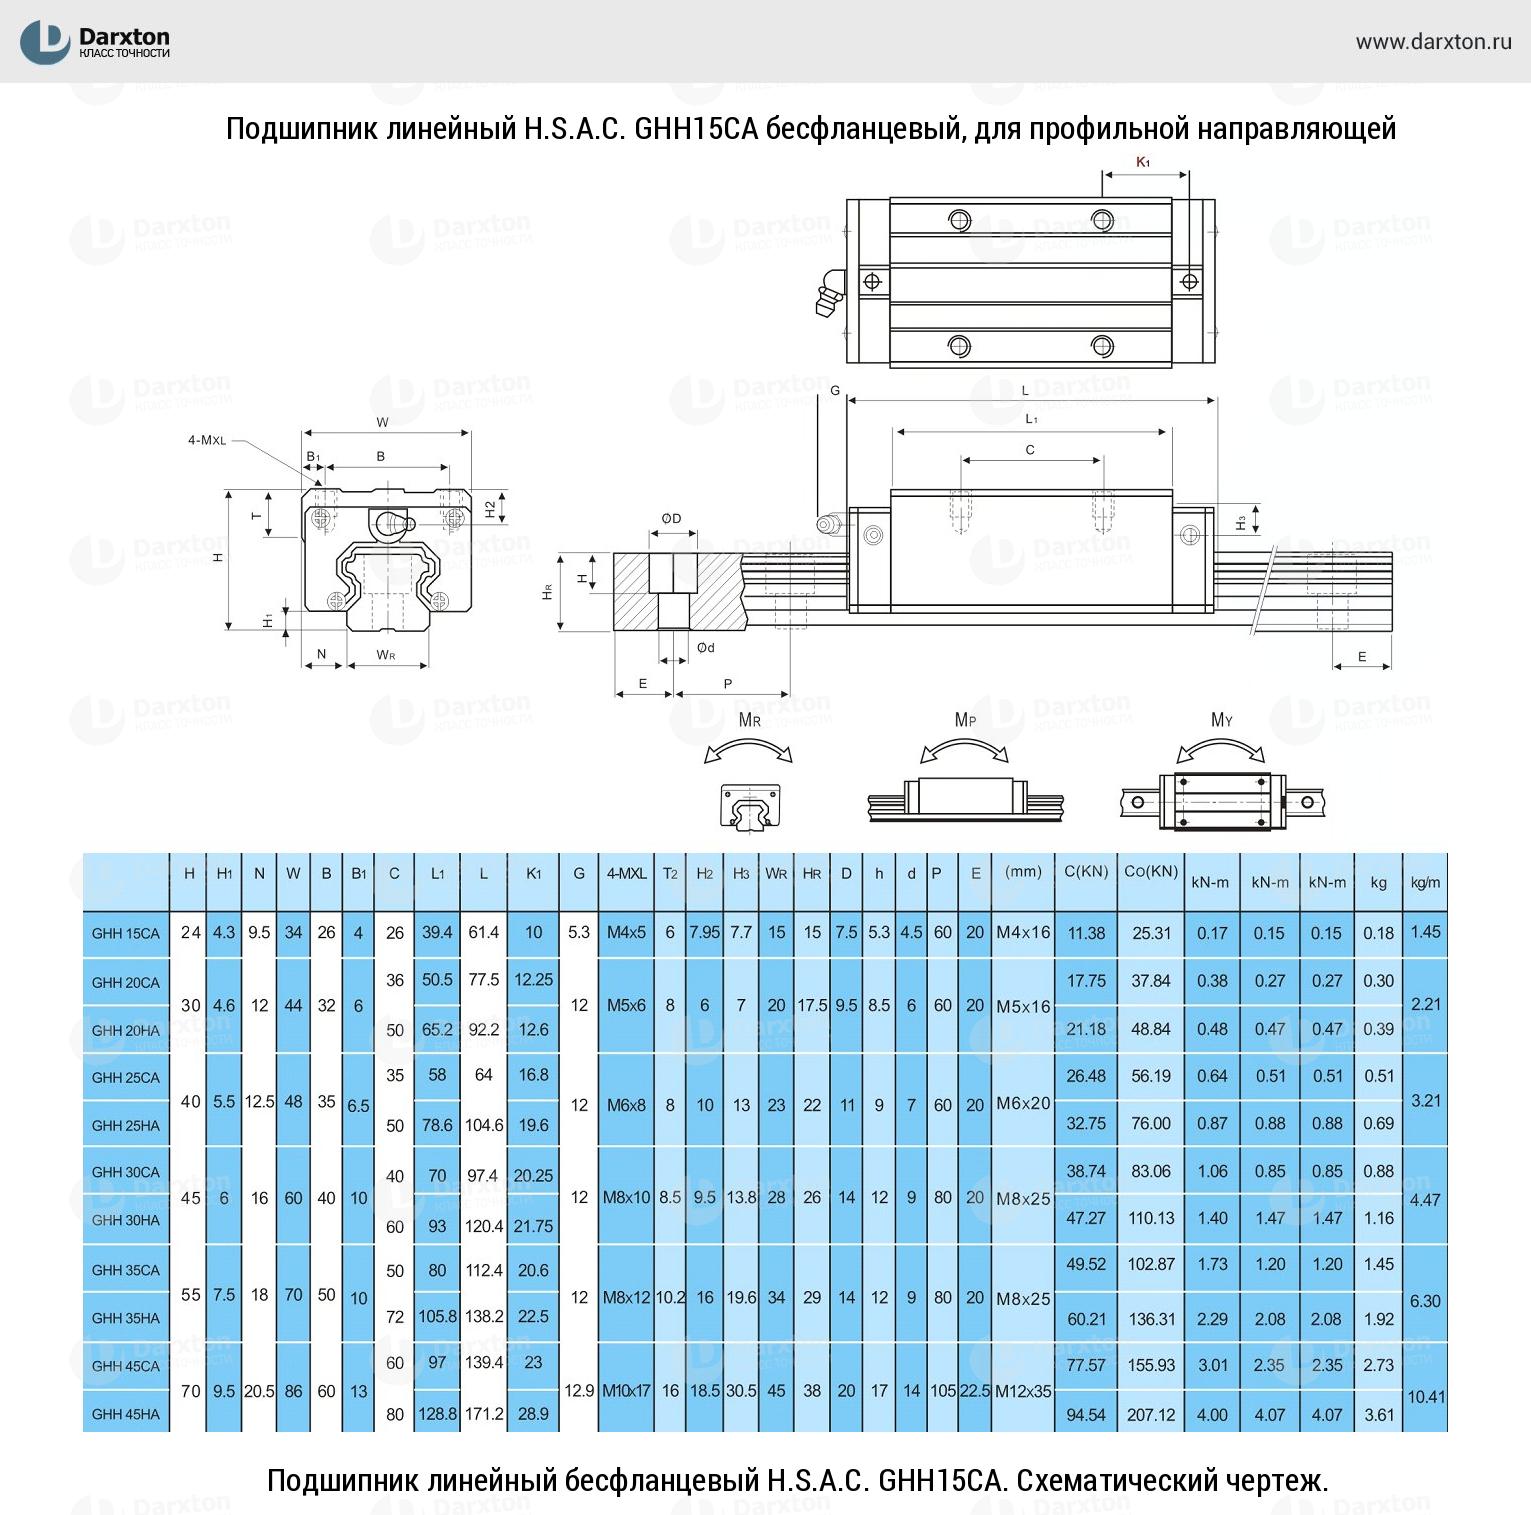 Профильная рельсовая направляющая H.S.A.C. GHR20R. Схематический чертеж.